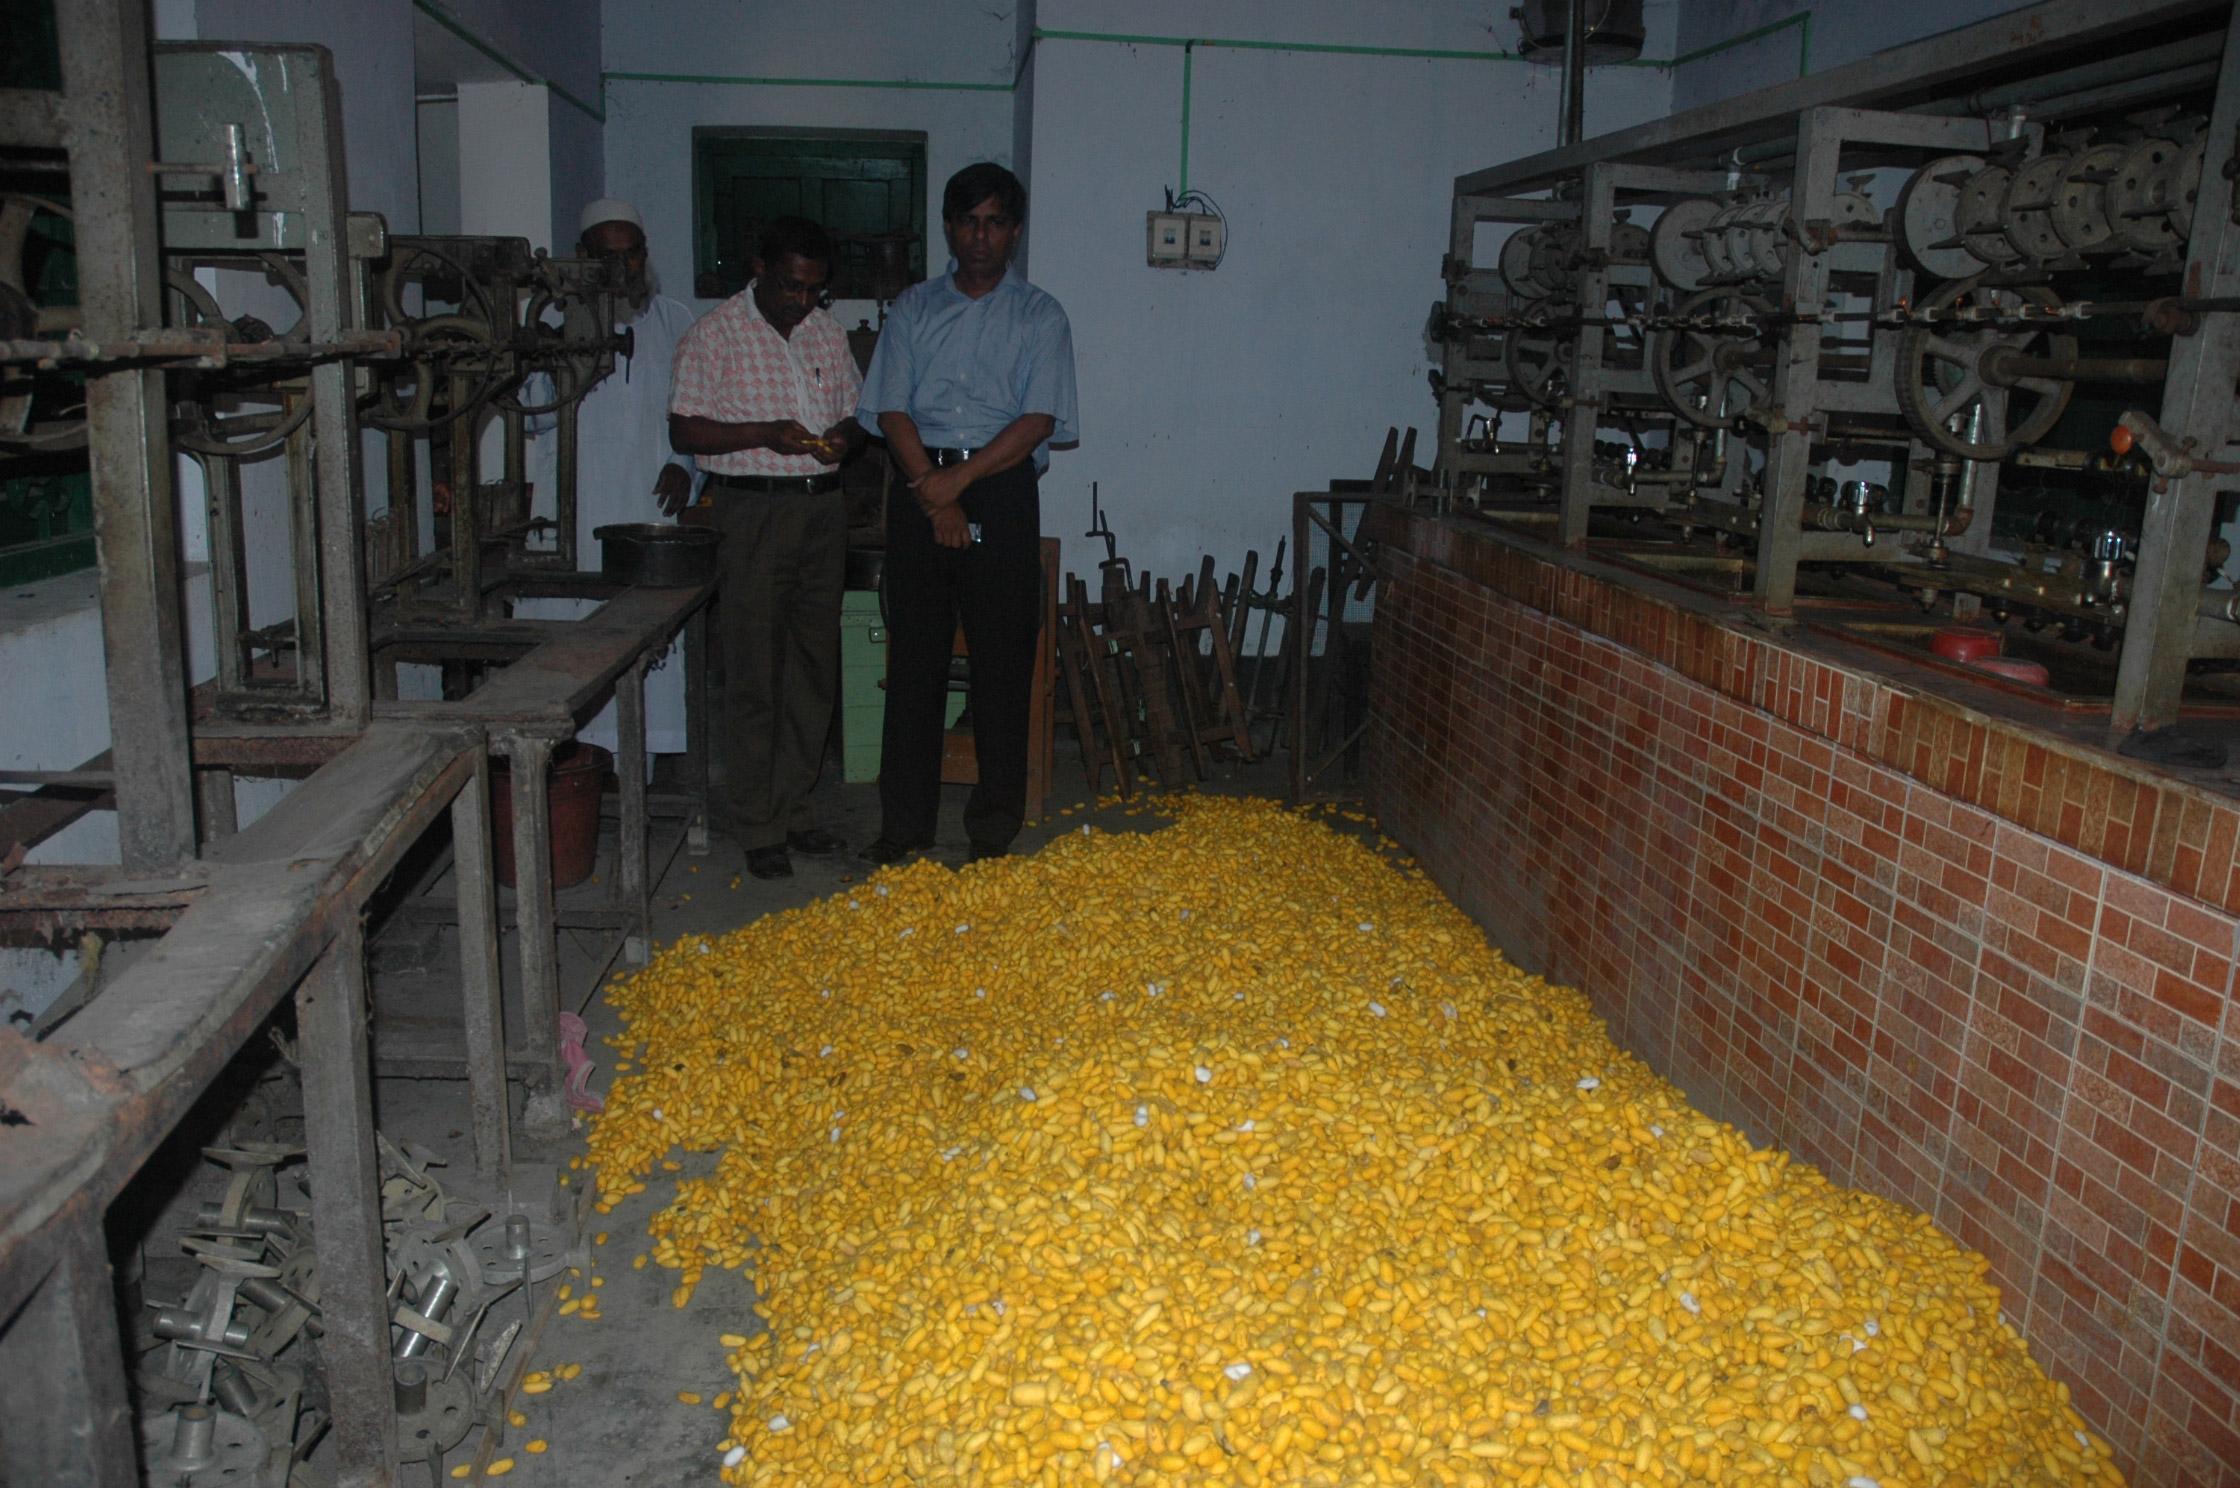 রানীসংকৈল-মিনিফিলেচার-কেন্দ্রে-ক্রয়কৃত-রেশম-গুটি